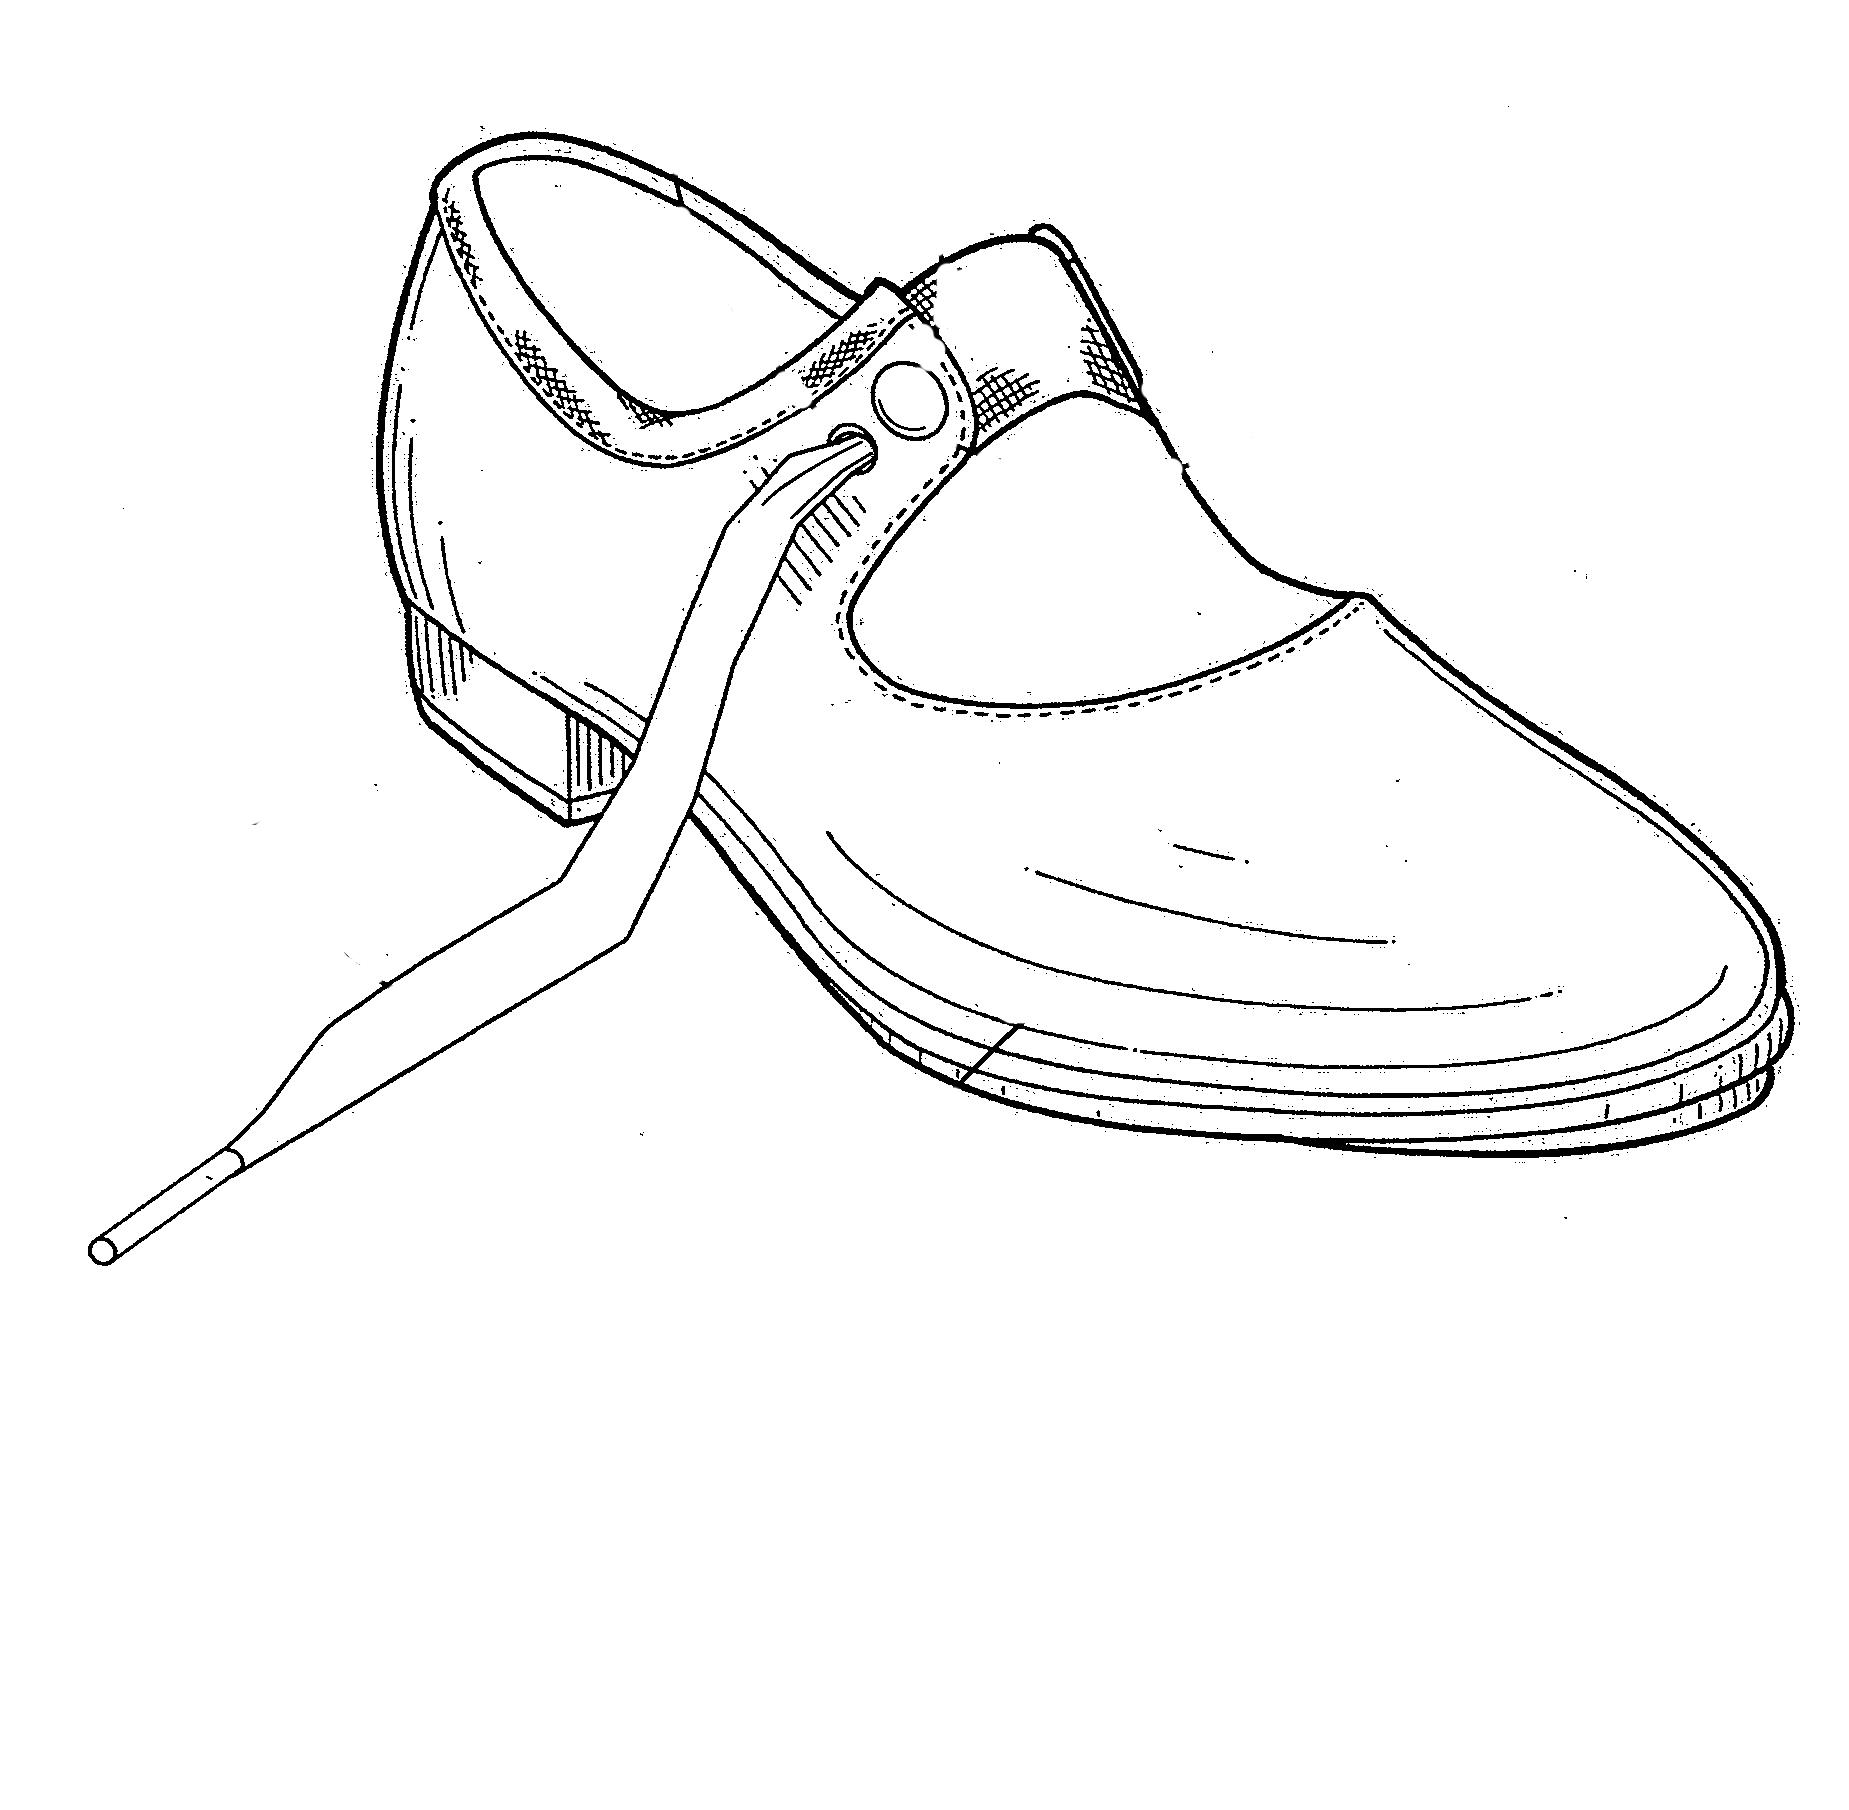 b080cb8932 Desenho de Sapato de sapateado para colorir - Tudodesenhos